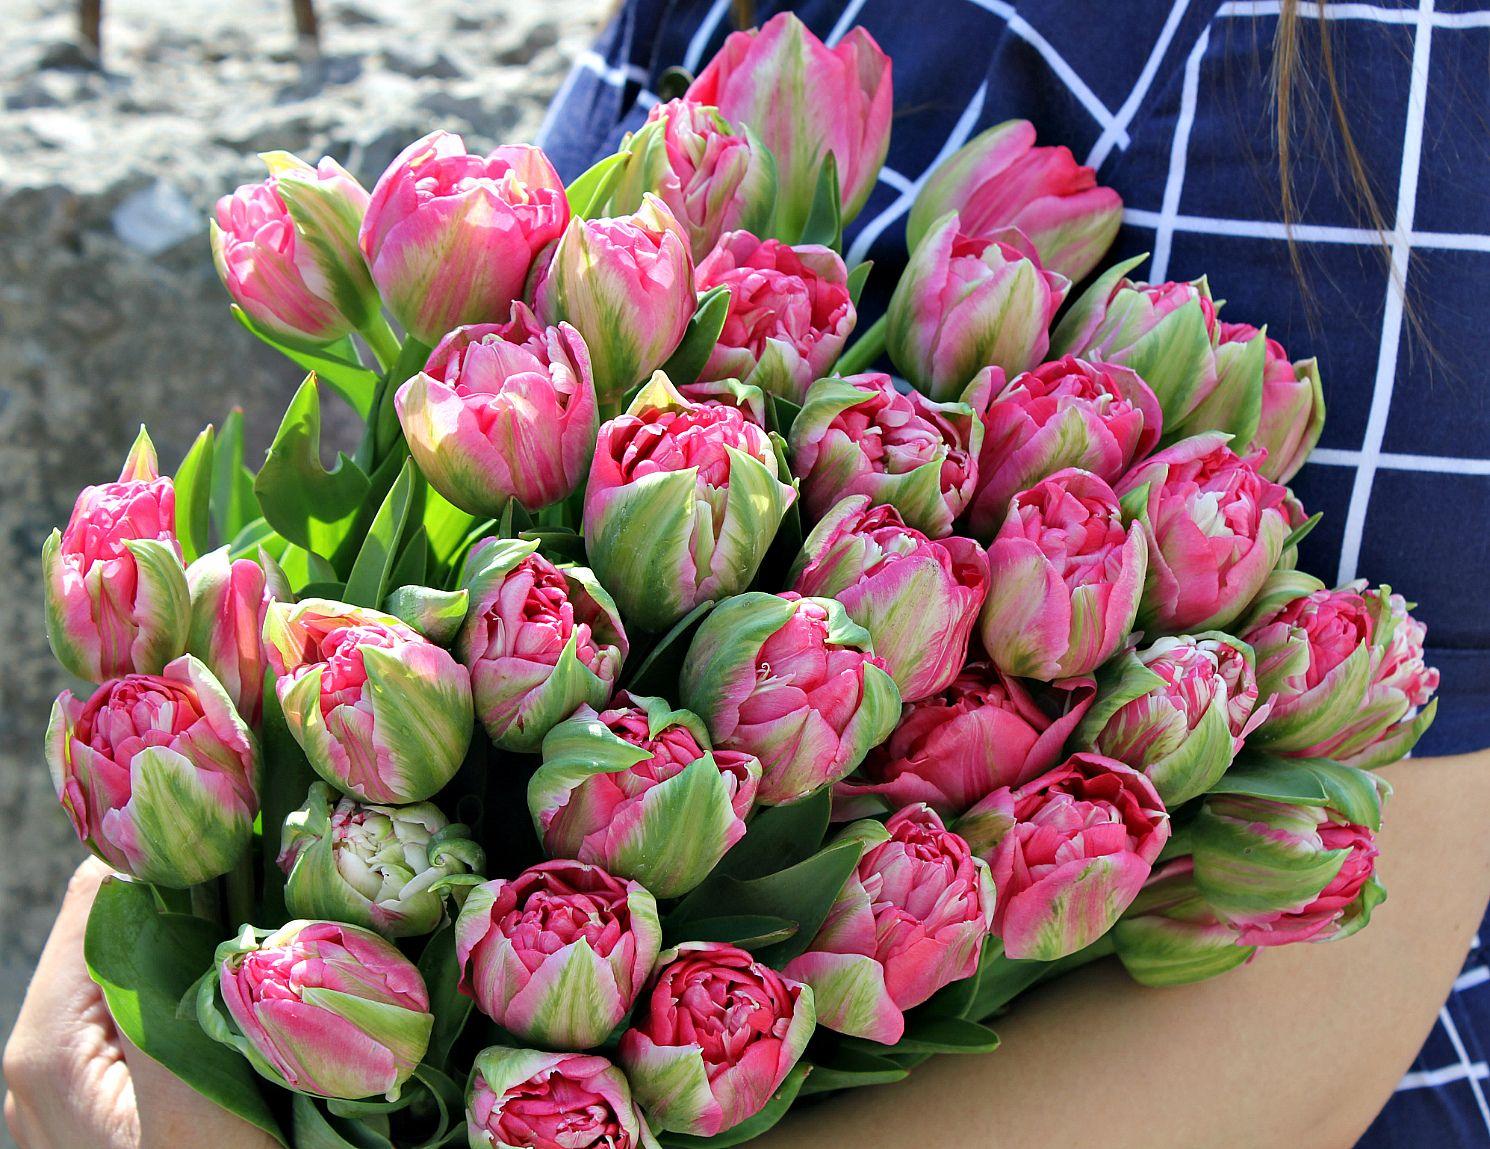 Тюльпаны пионовидные купить харьков самоцветы купить квартиру